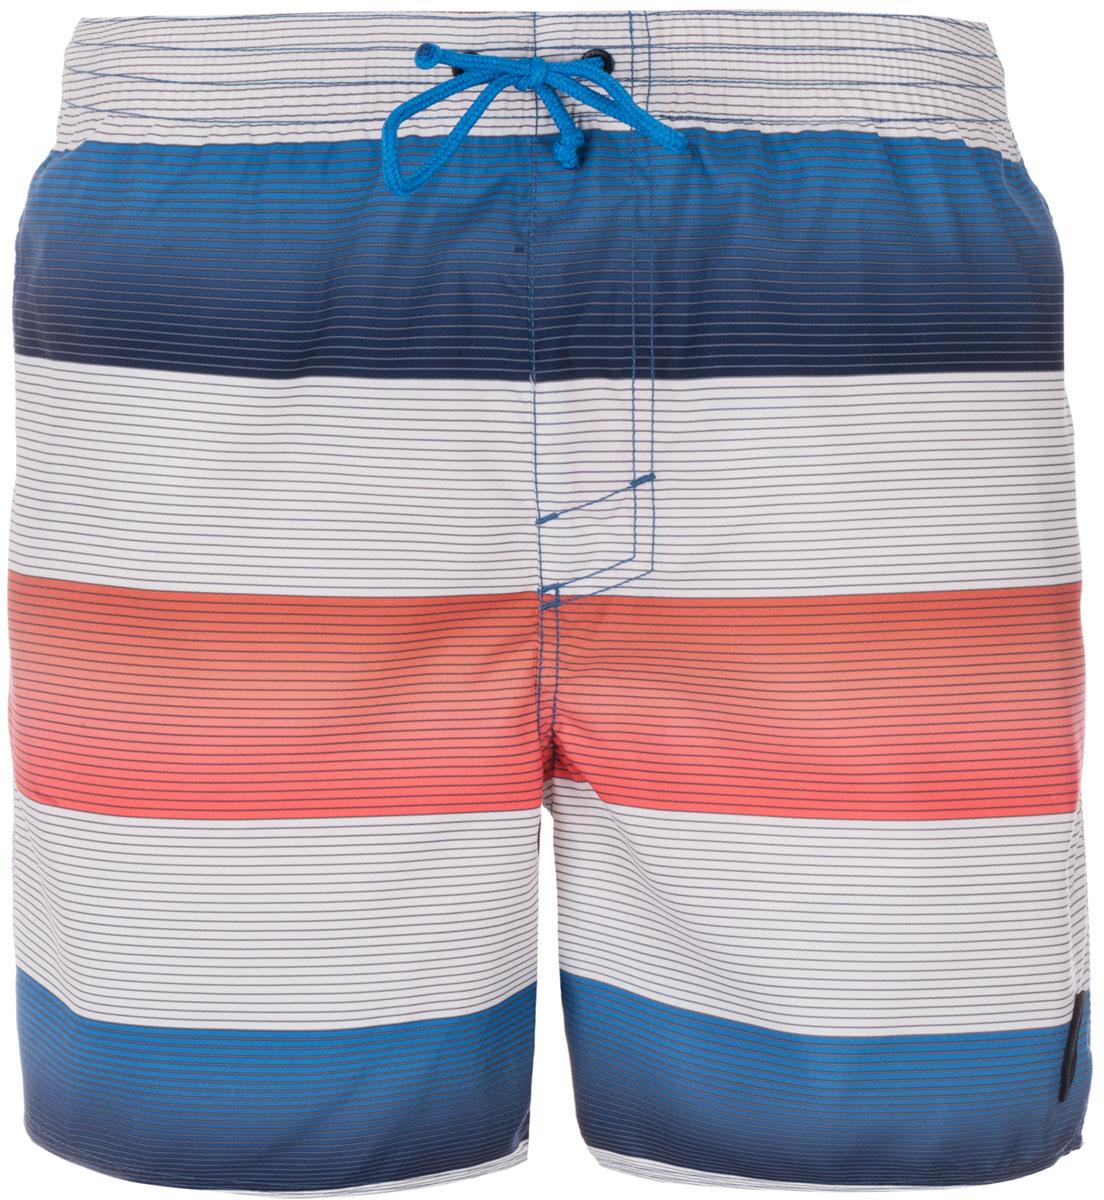 Шорты пляжные мужские ONeill Pm Santa Cruz Stripe Shorts, цвет: белый, оранжевый, синий. 7A3674-1900. Размер L (50/52)7A3674-1900Мужские пляжные шорты ONeill выполнены из 100% полиэстера. Технология Hyperdry надежно защищает от влаги, пропускает воздух и позволяет ткани быстро сохнуть. Пояс снабжен эластичной резинкой с затягивающимся шнурком для комфортной посадки. Изделие декорировано принтом в виде полосок.